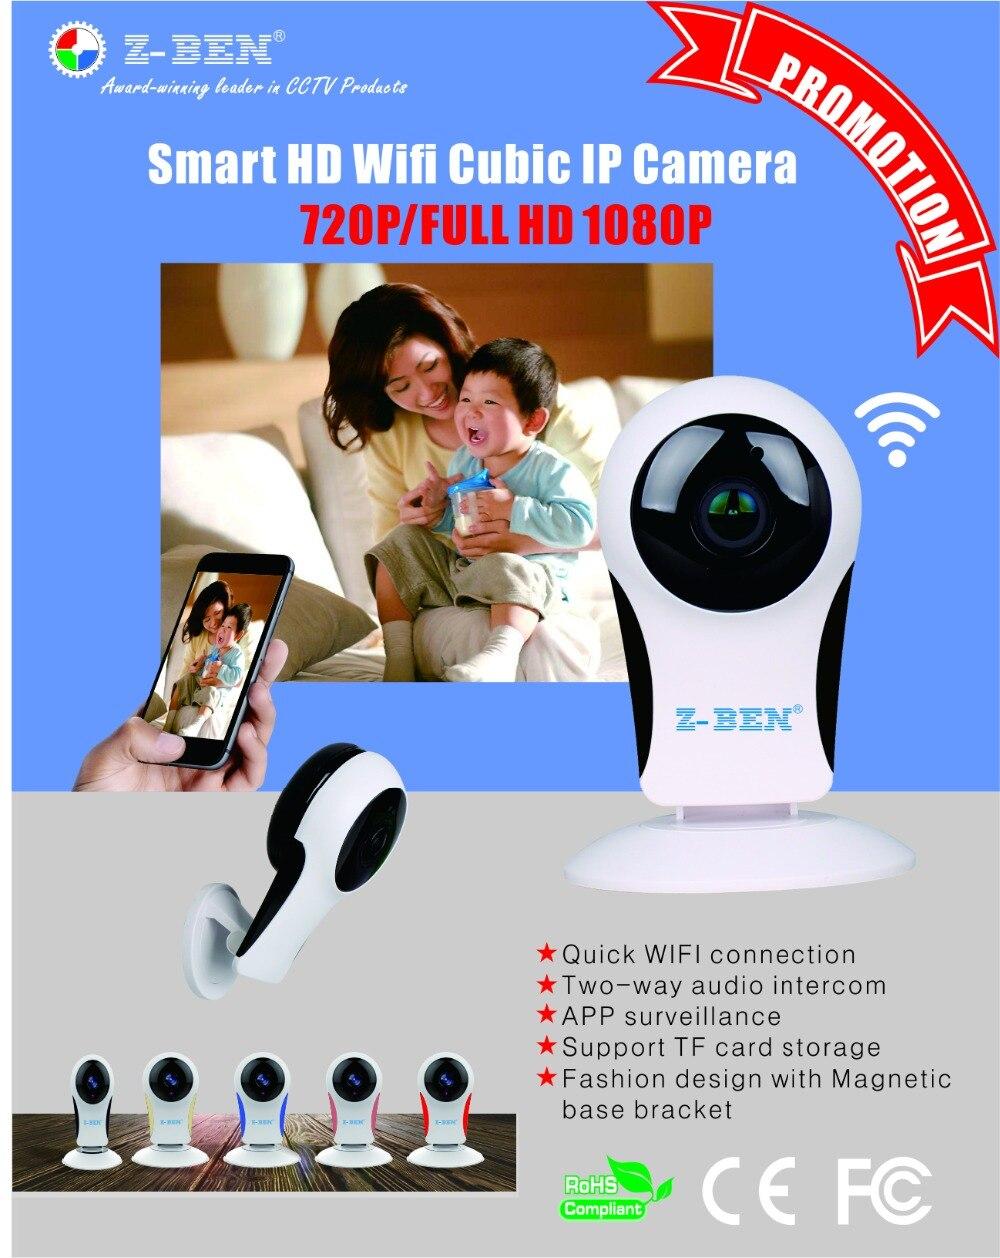 Z-BEN Wifi IP caméra P2P IR LED Vision nocturne HD1080P Audio vidéo alarme intelligente maison bébé moniteur Surveillnace sécurité Fisheye lentille